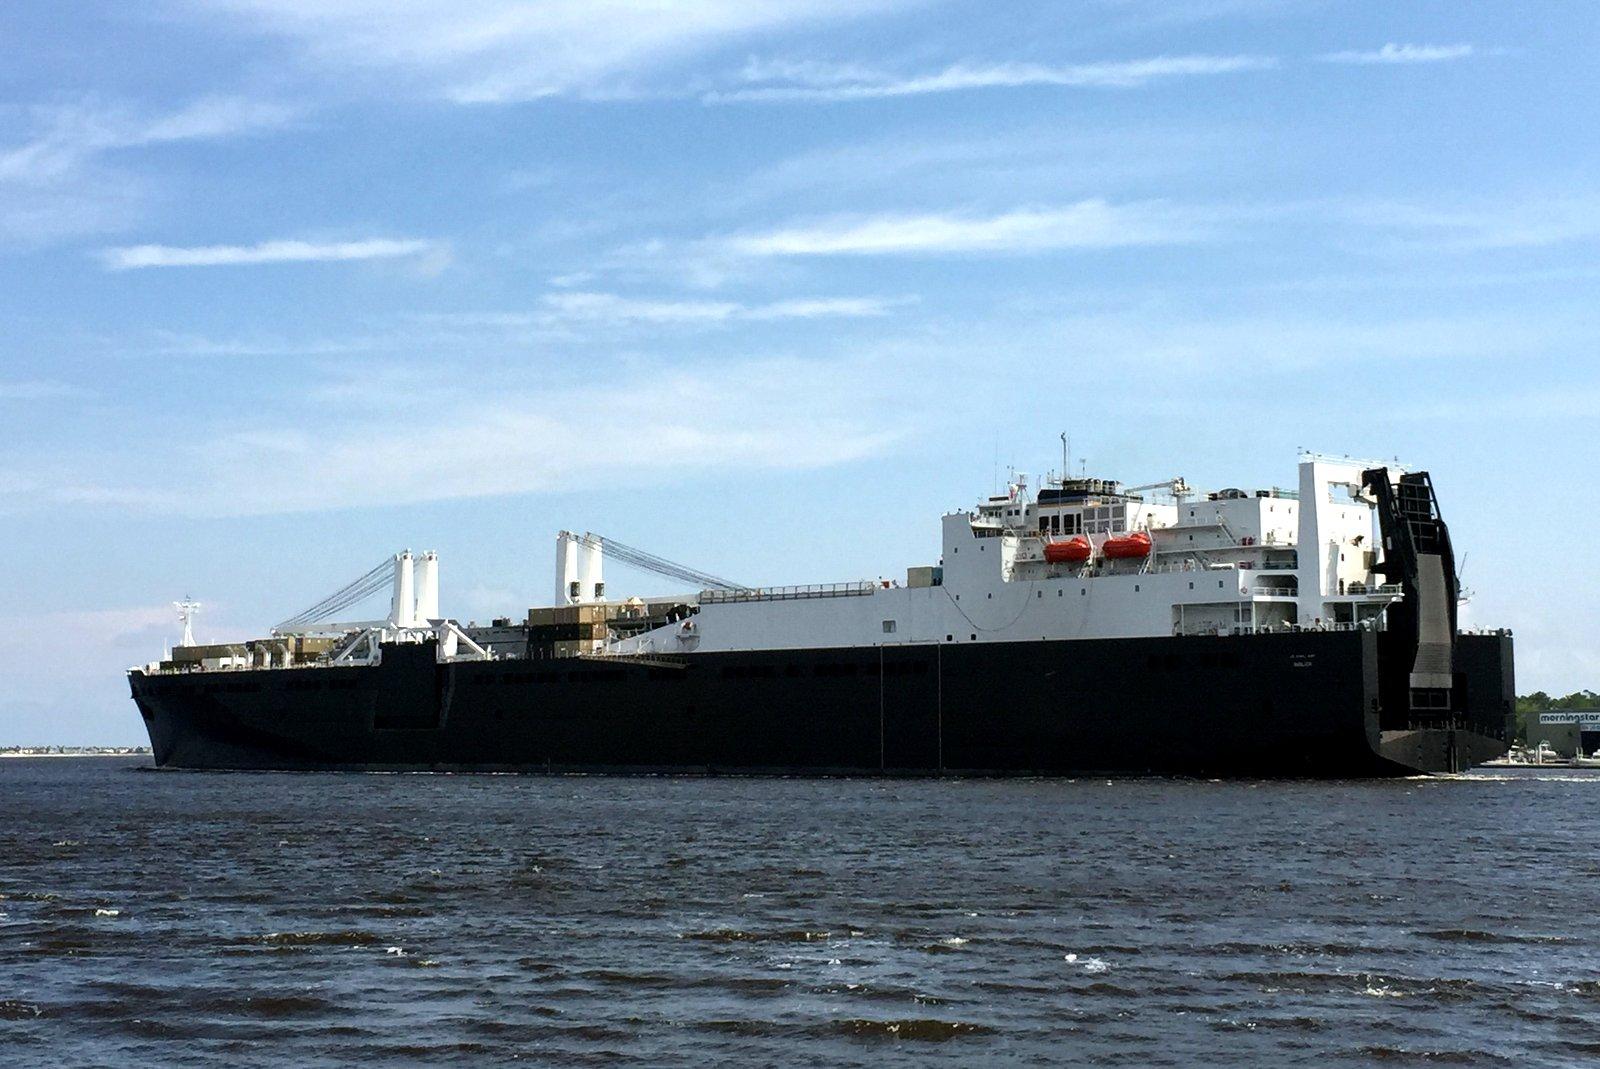 Large vessel at sea